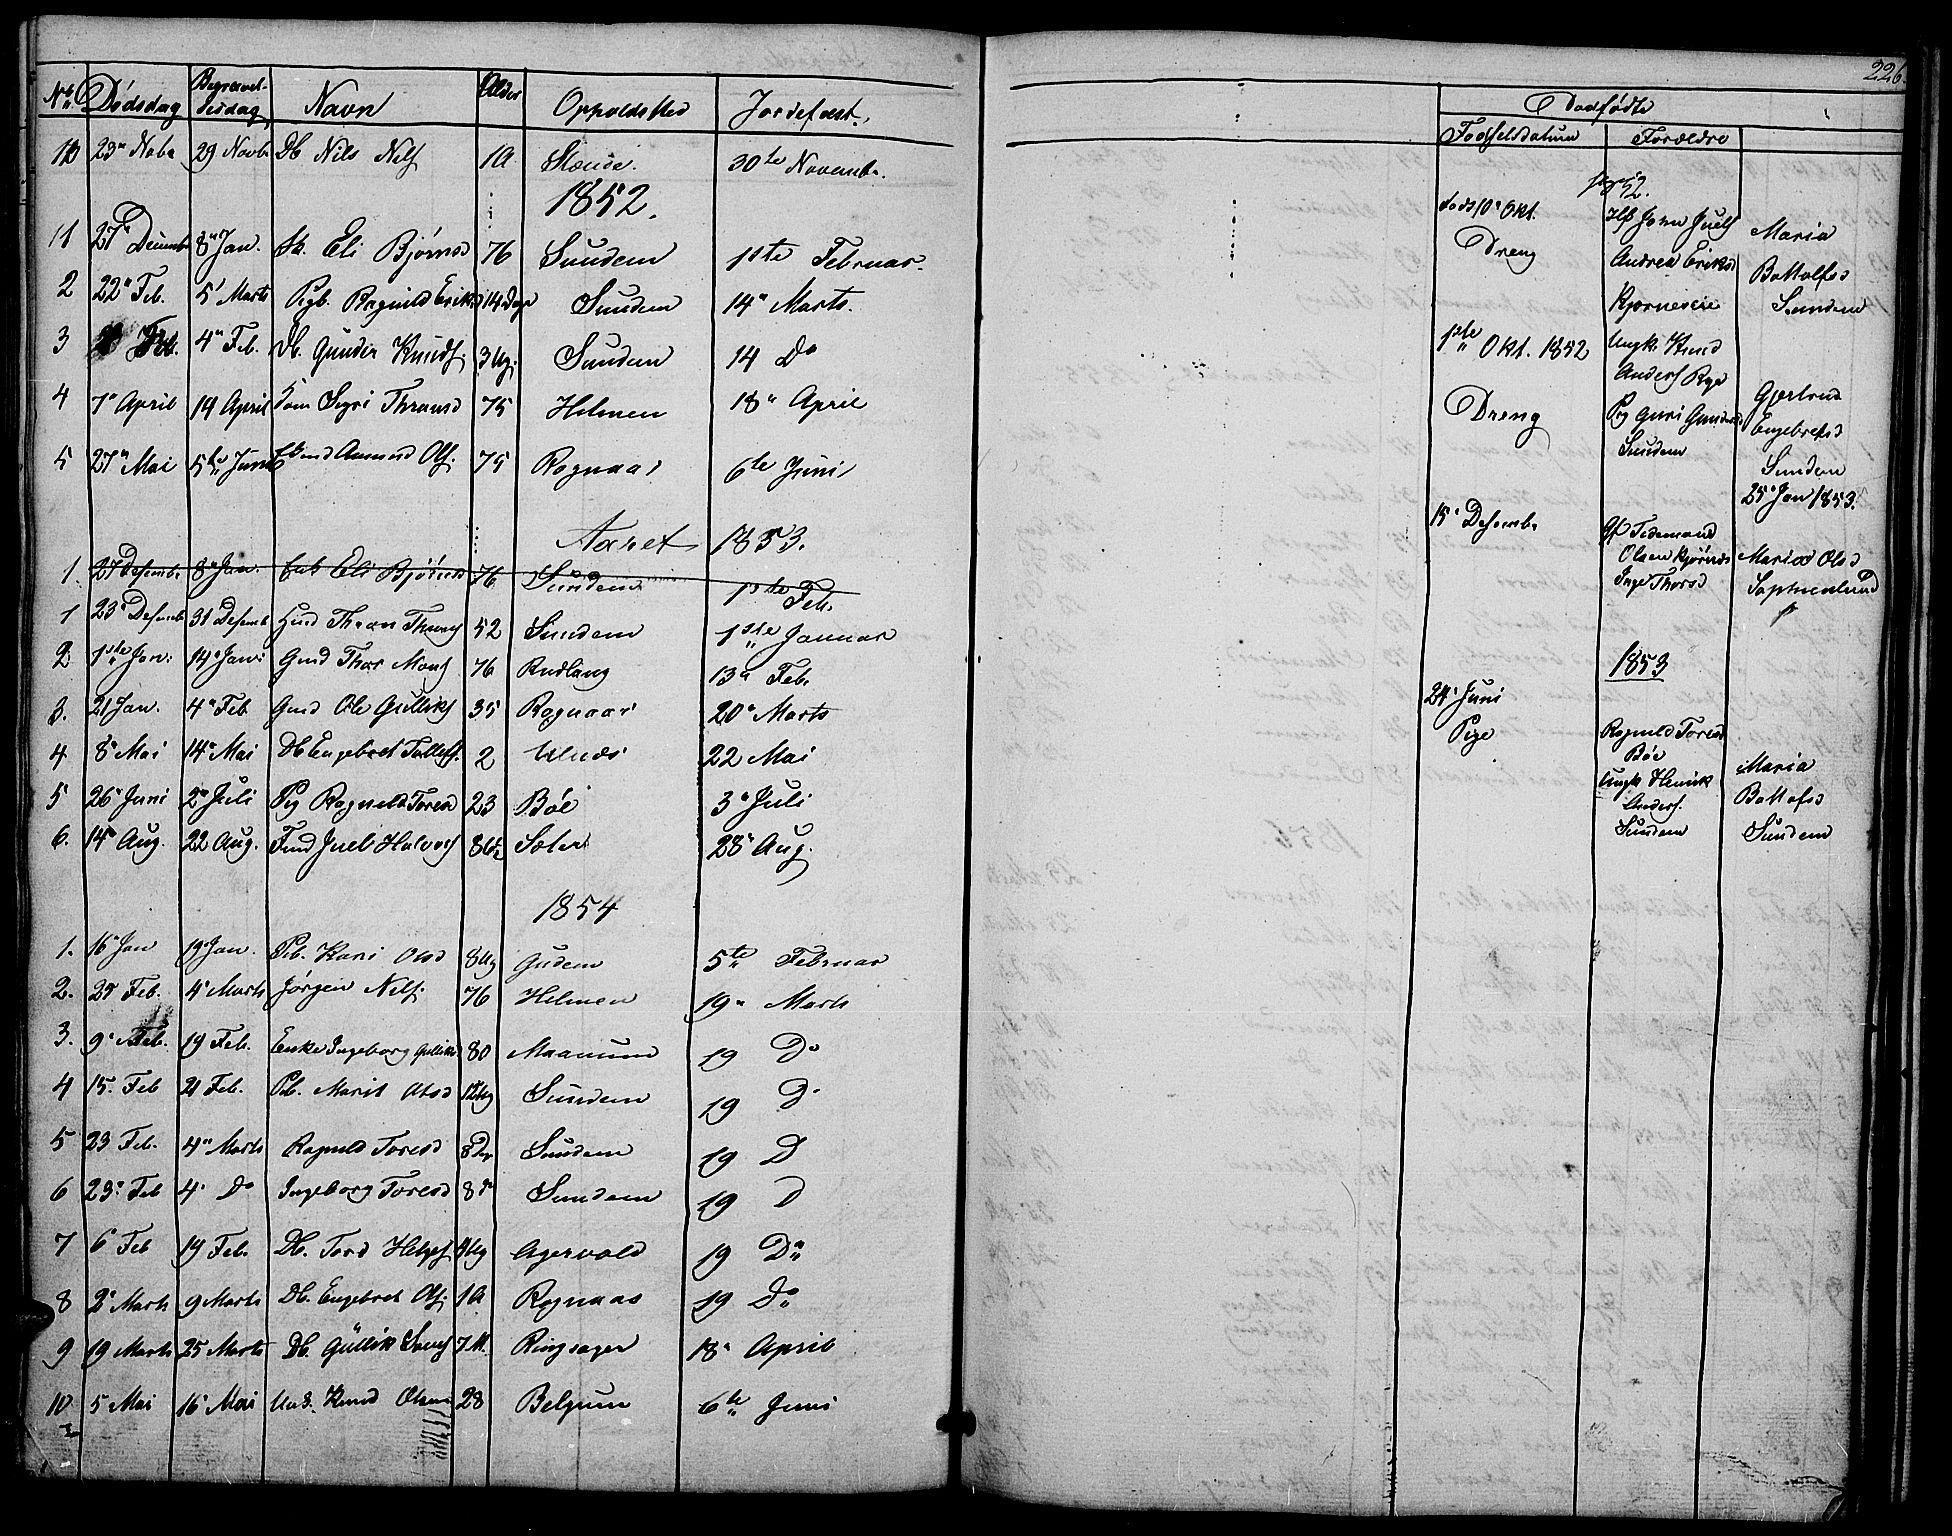 SAH, Nord-Aurdal prestekontor, Klokkerbok nr. 4, 1842-1882, s. 226